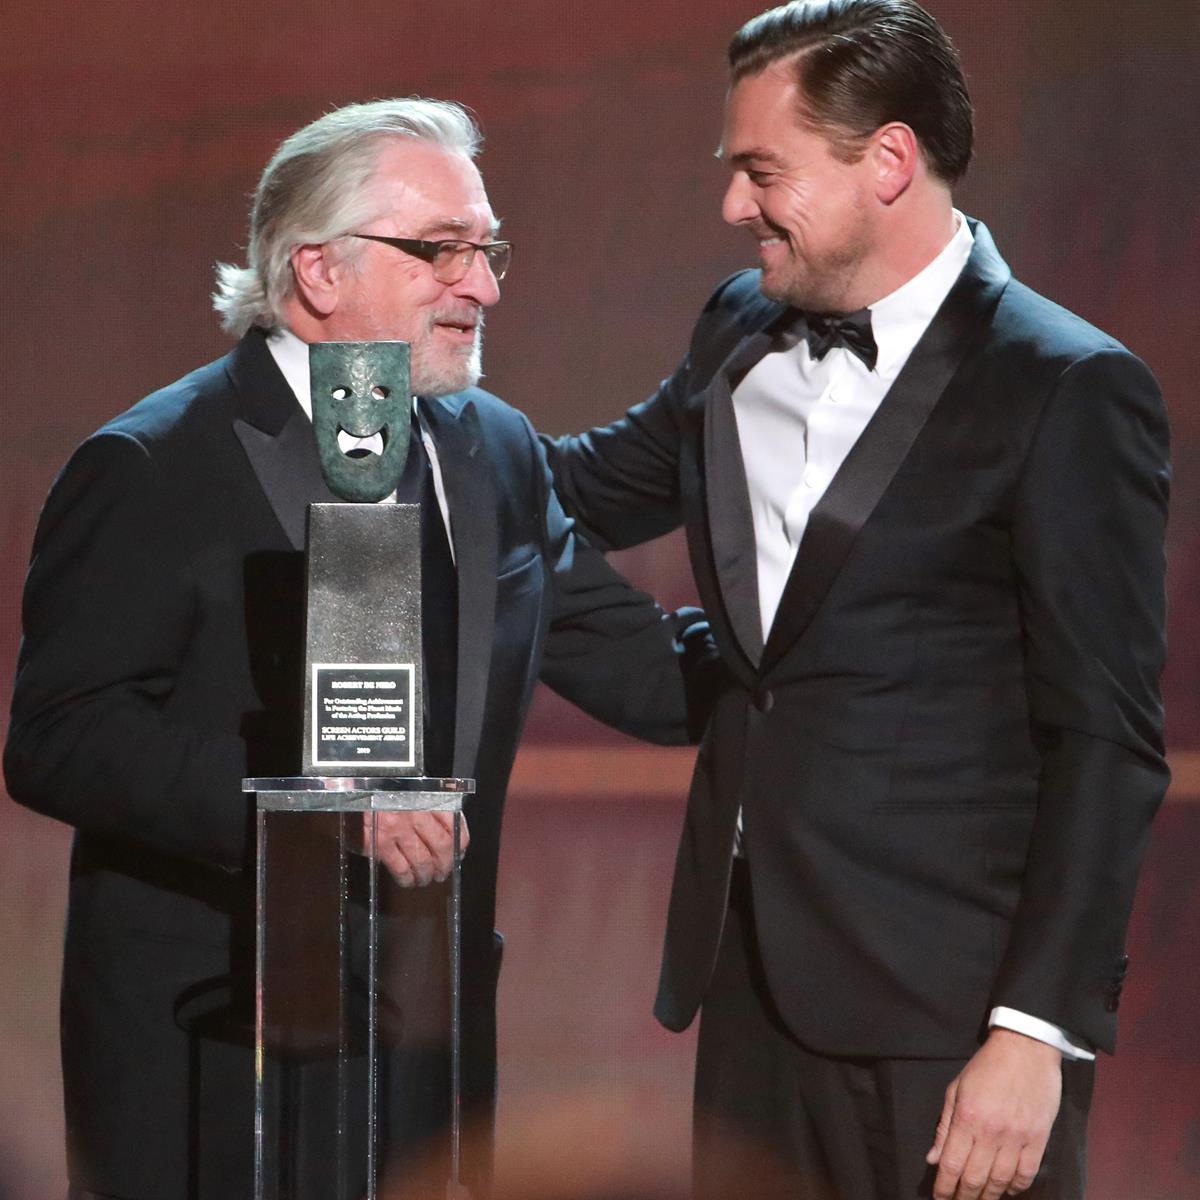 Robert De Niro and Leonardo DiCaprio giorgio armani